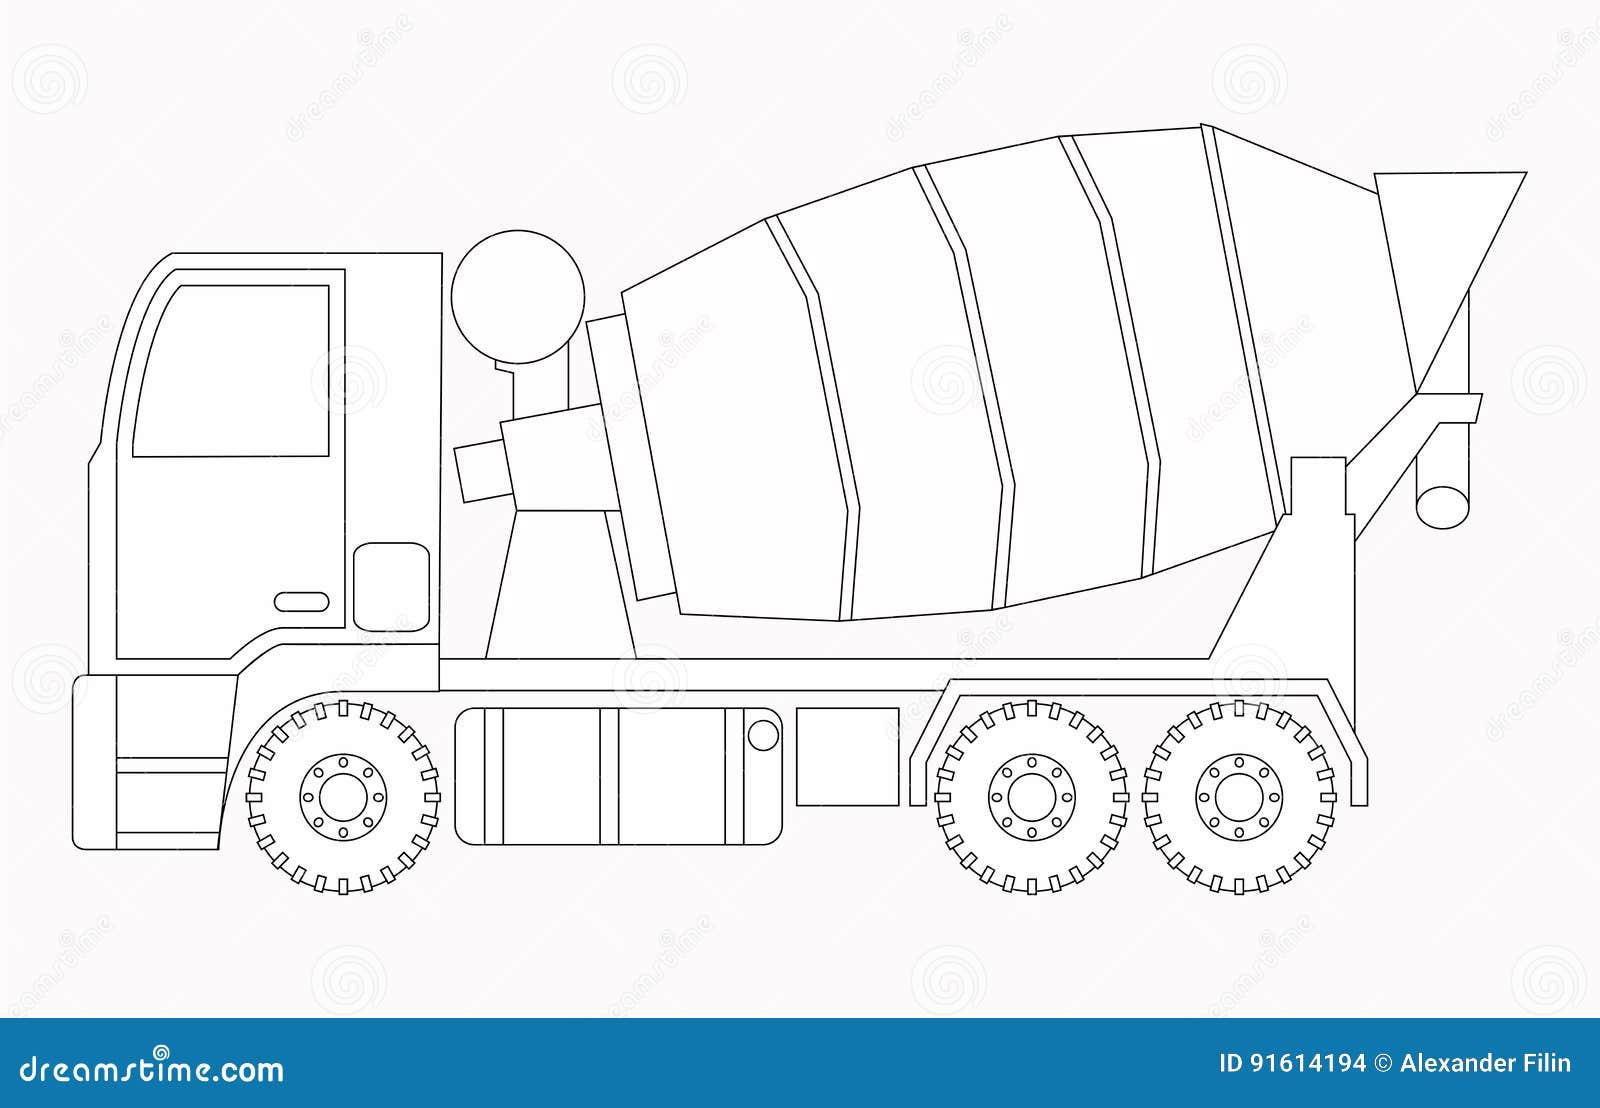 mixer cartoons  illustrations  u0026 vector stock images